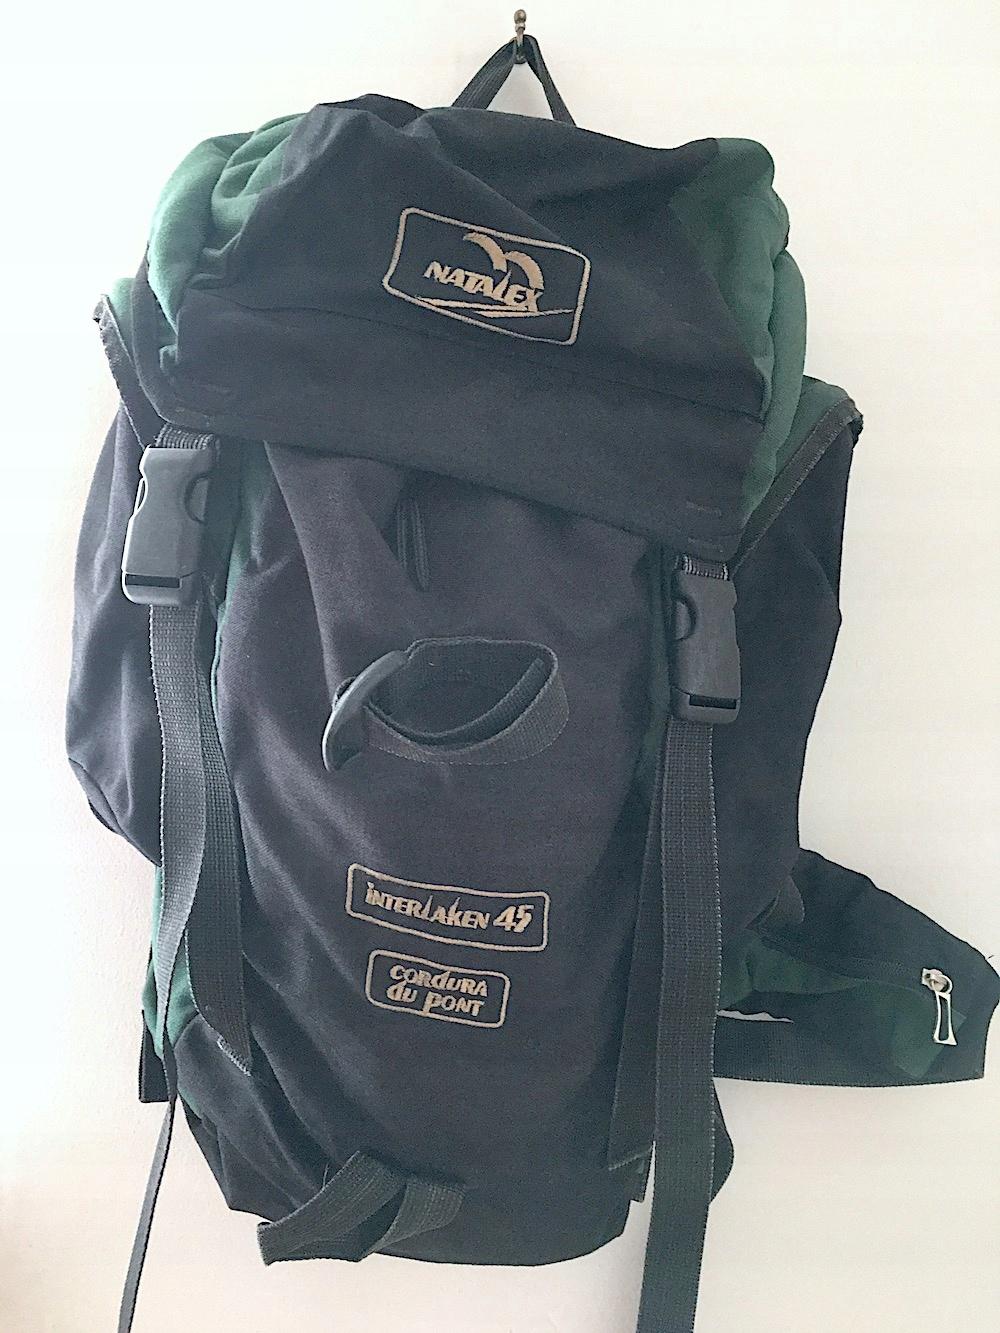 2959f156f457f Plecak Natalex Interlaken 45 używany - 7564169490 - oficjalne ...